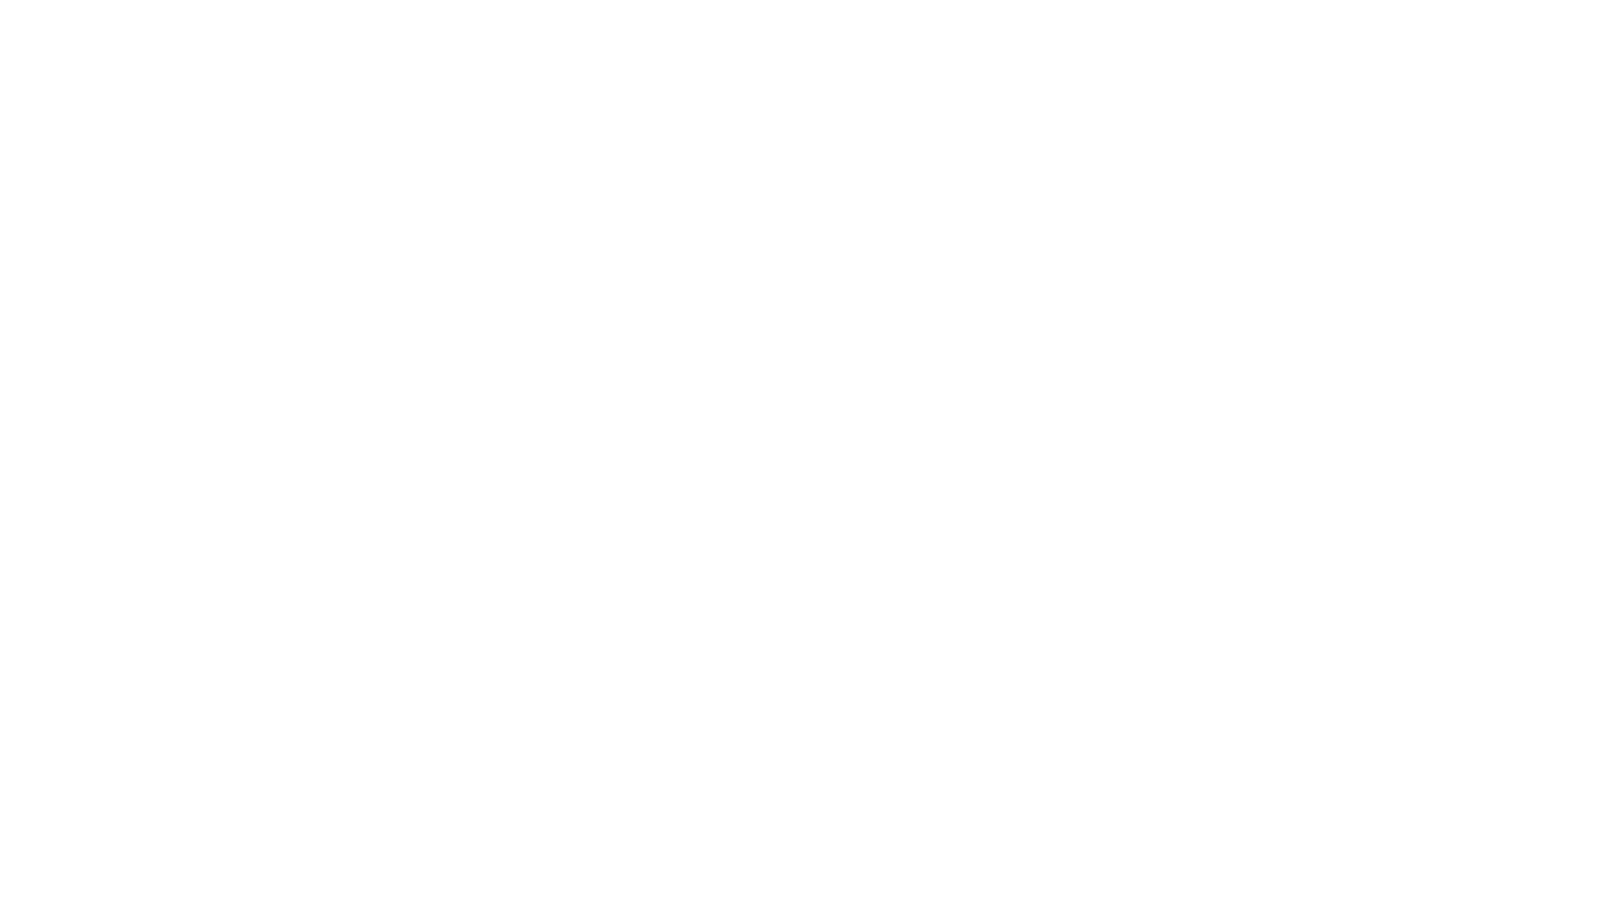 群馬県東吾妻町のすべての温泉施設をご紹介 町内の8か所で様々な源泉が楽しめます。  ●日帰り入浴が楽しめる温泉● かやぶきの郷 旅籠、コニファーいわびつ、根古屋乃湯、桔梗館、天狗の湯  〇宿泊しないと味わえない温泉〇 松の湯温泉、川中温泉、鳩の湯温泉   東吾妻町観光協会からのお願い ~新型コロナウイルス感染症対策~ ●体調不良、発熱の際は利用をご遠慮ください。 ●施設をご利用の際はマスクの着用のご協力をお願いいたします。  ※撮影のため特別な許可を得てマスク着用せず撮影しています。